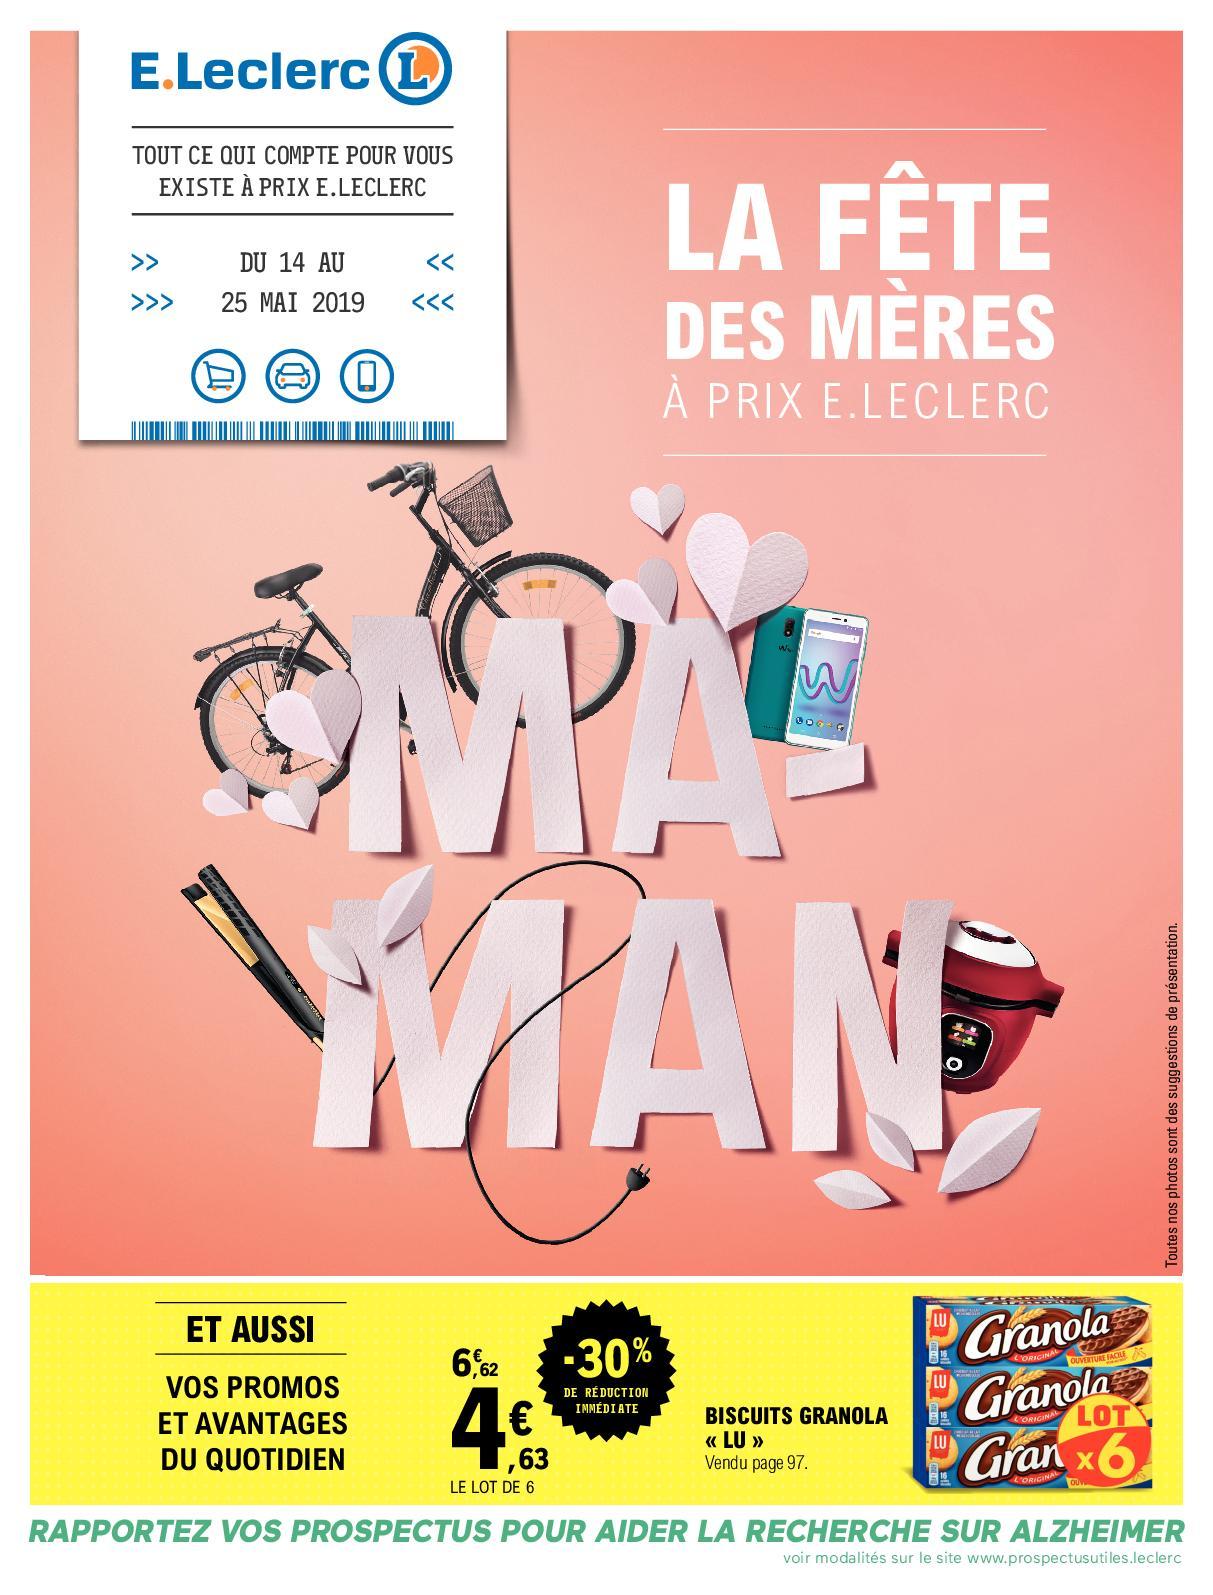 Calameo V3 La Fete Des Meres A Prix E Leclerc